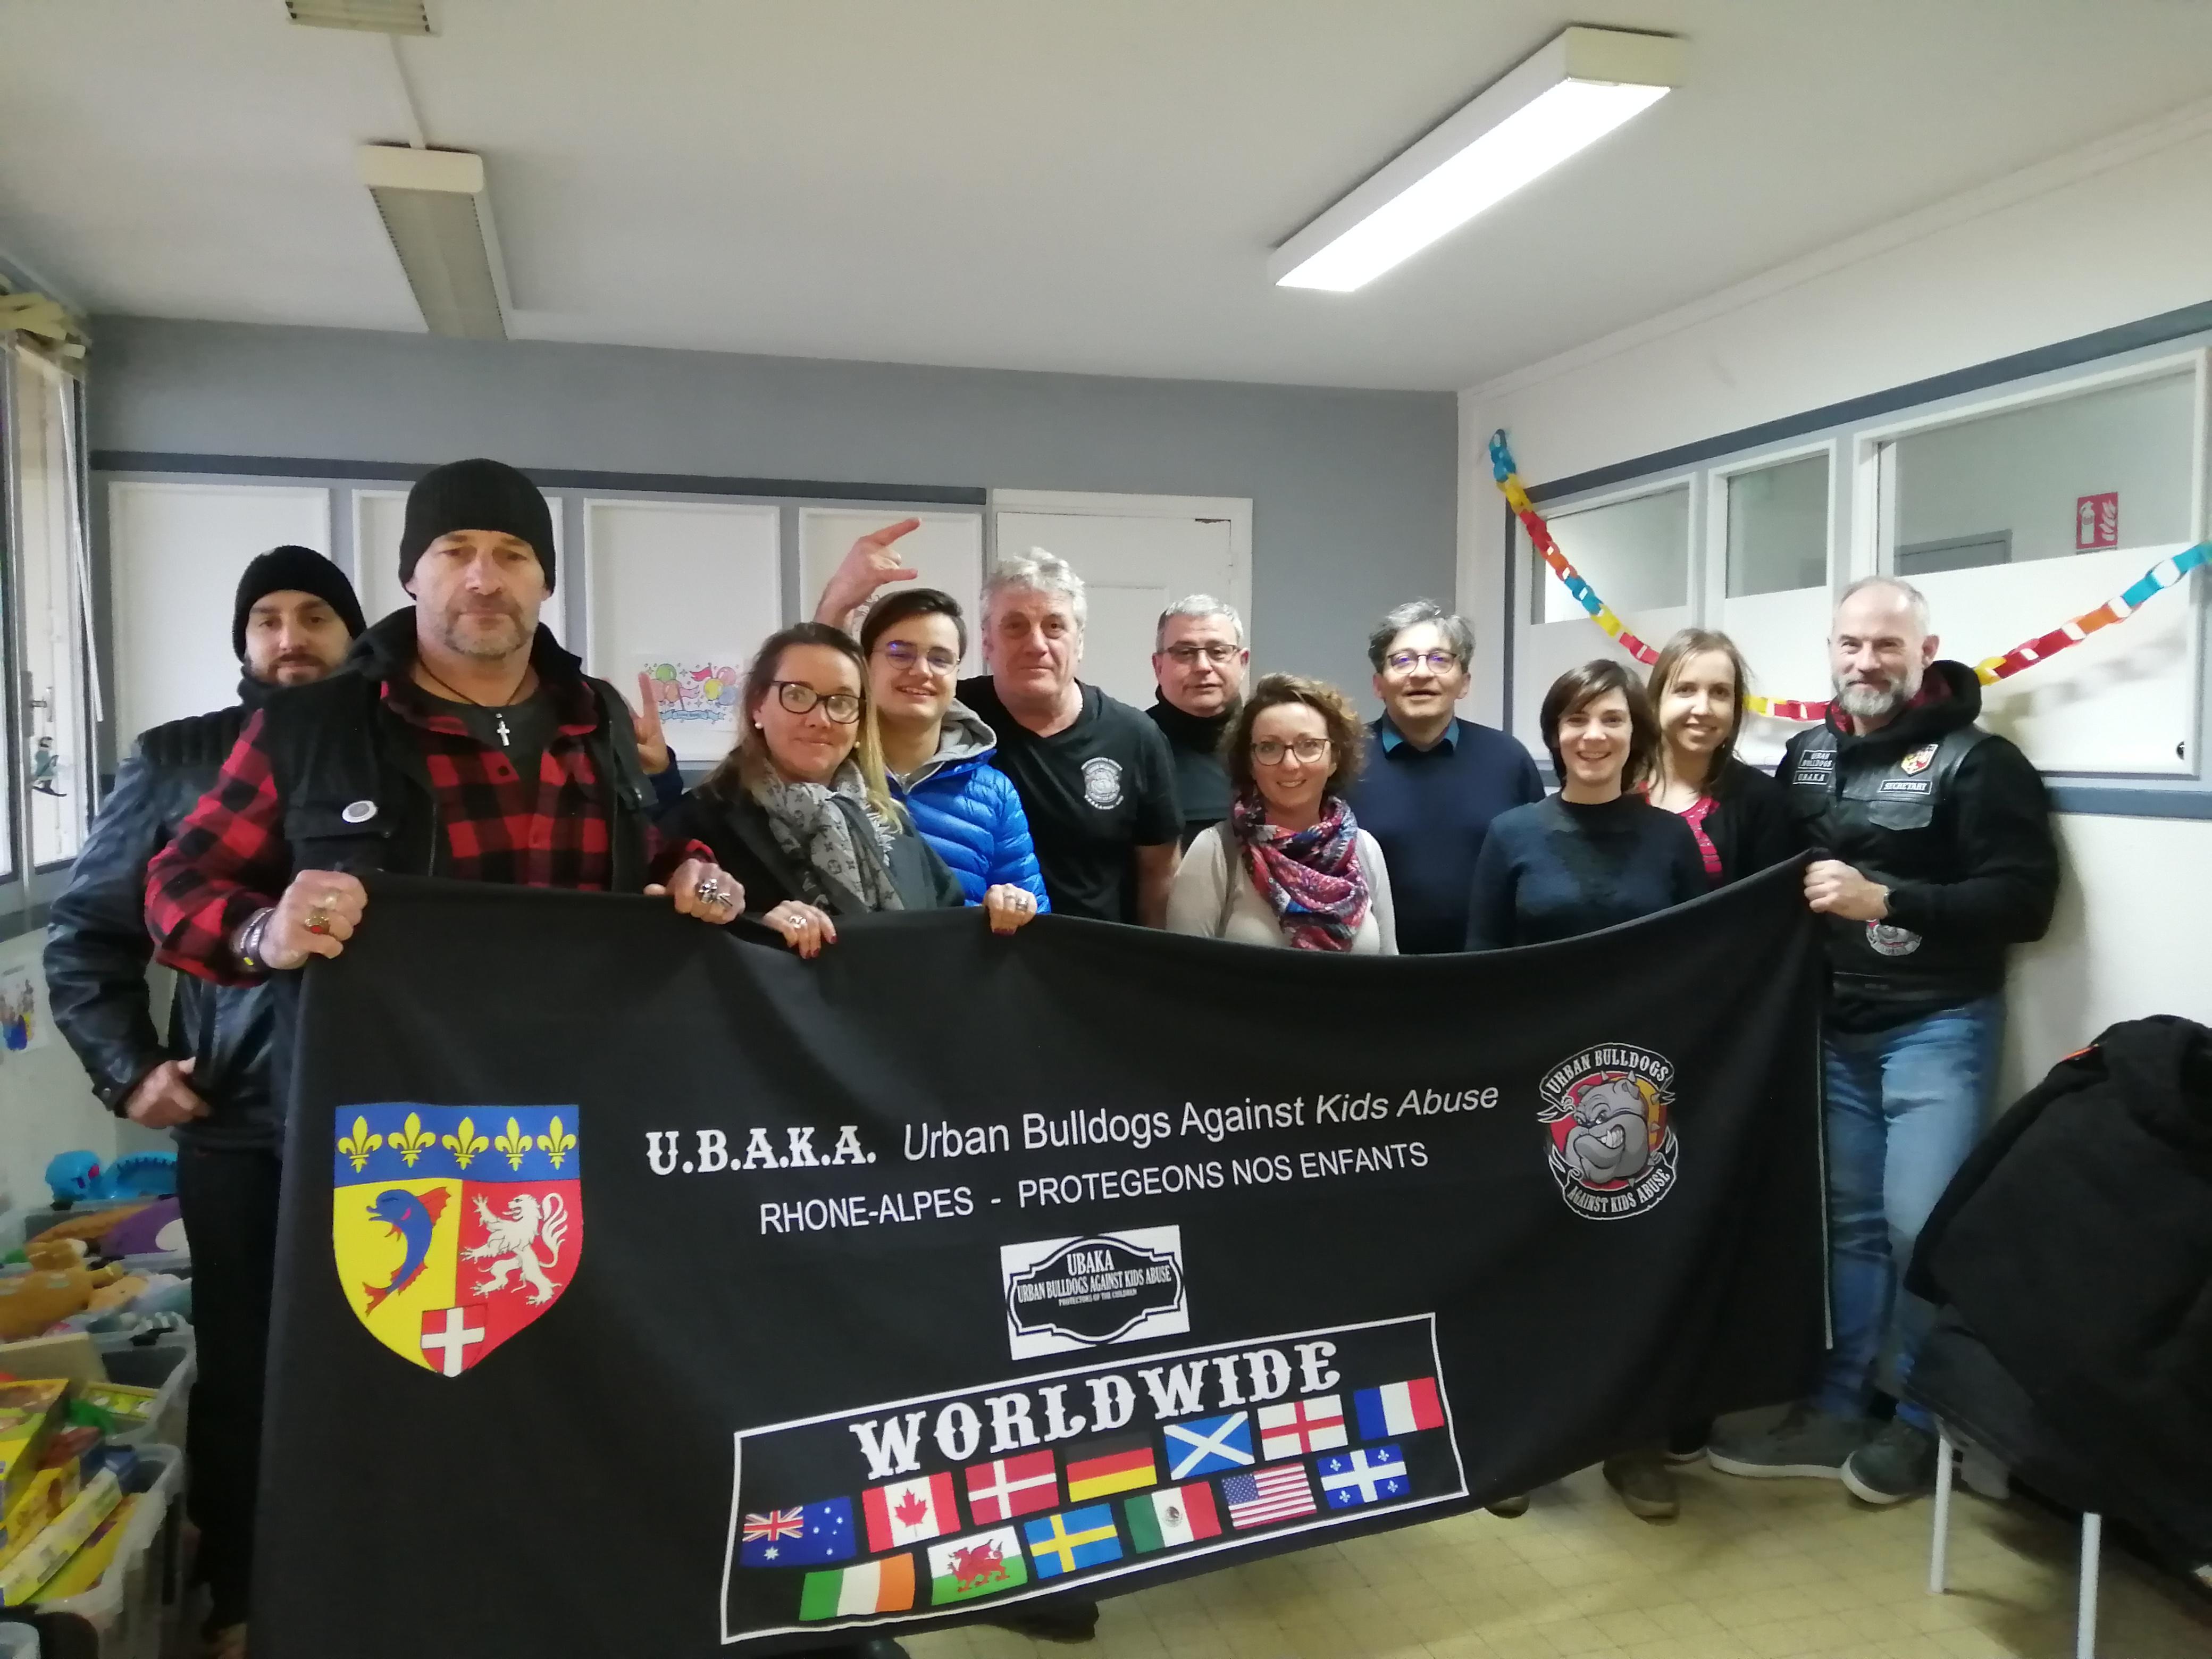 Les bikers de l'association U.B.A.K.A se mobilisent à Villefranche et Belleville-sur-Saône